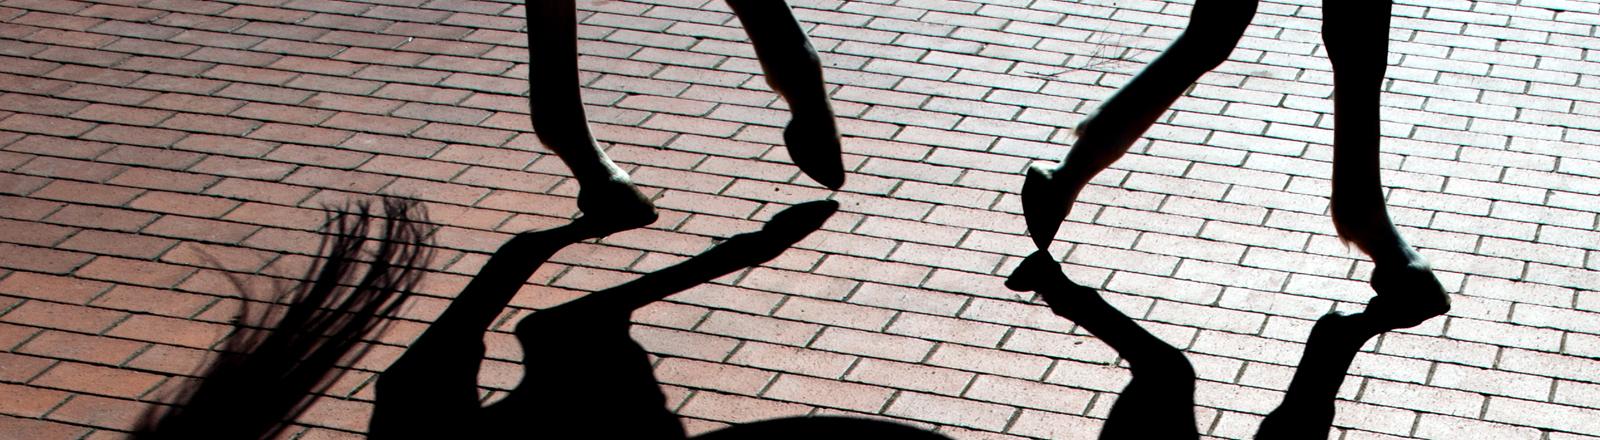 Schatten eines Pferdes auf dem Pflaster des Pferdezentrums Bad Saarow der Freien Universität Berlin.